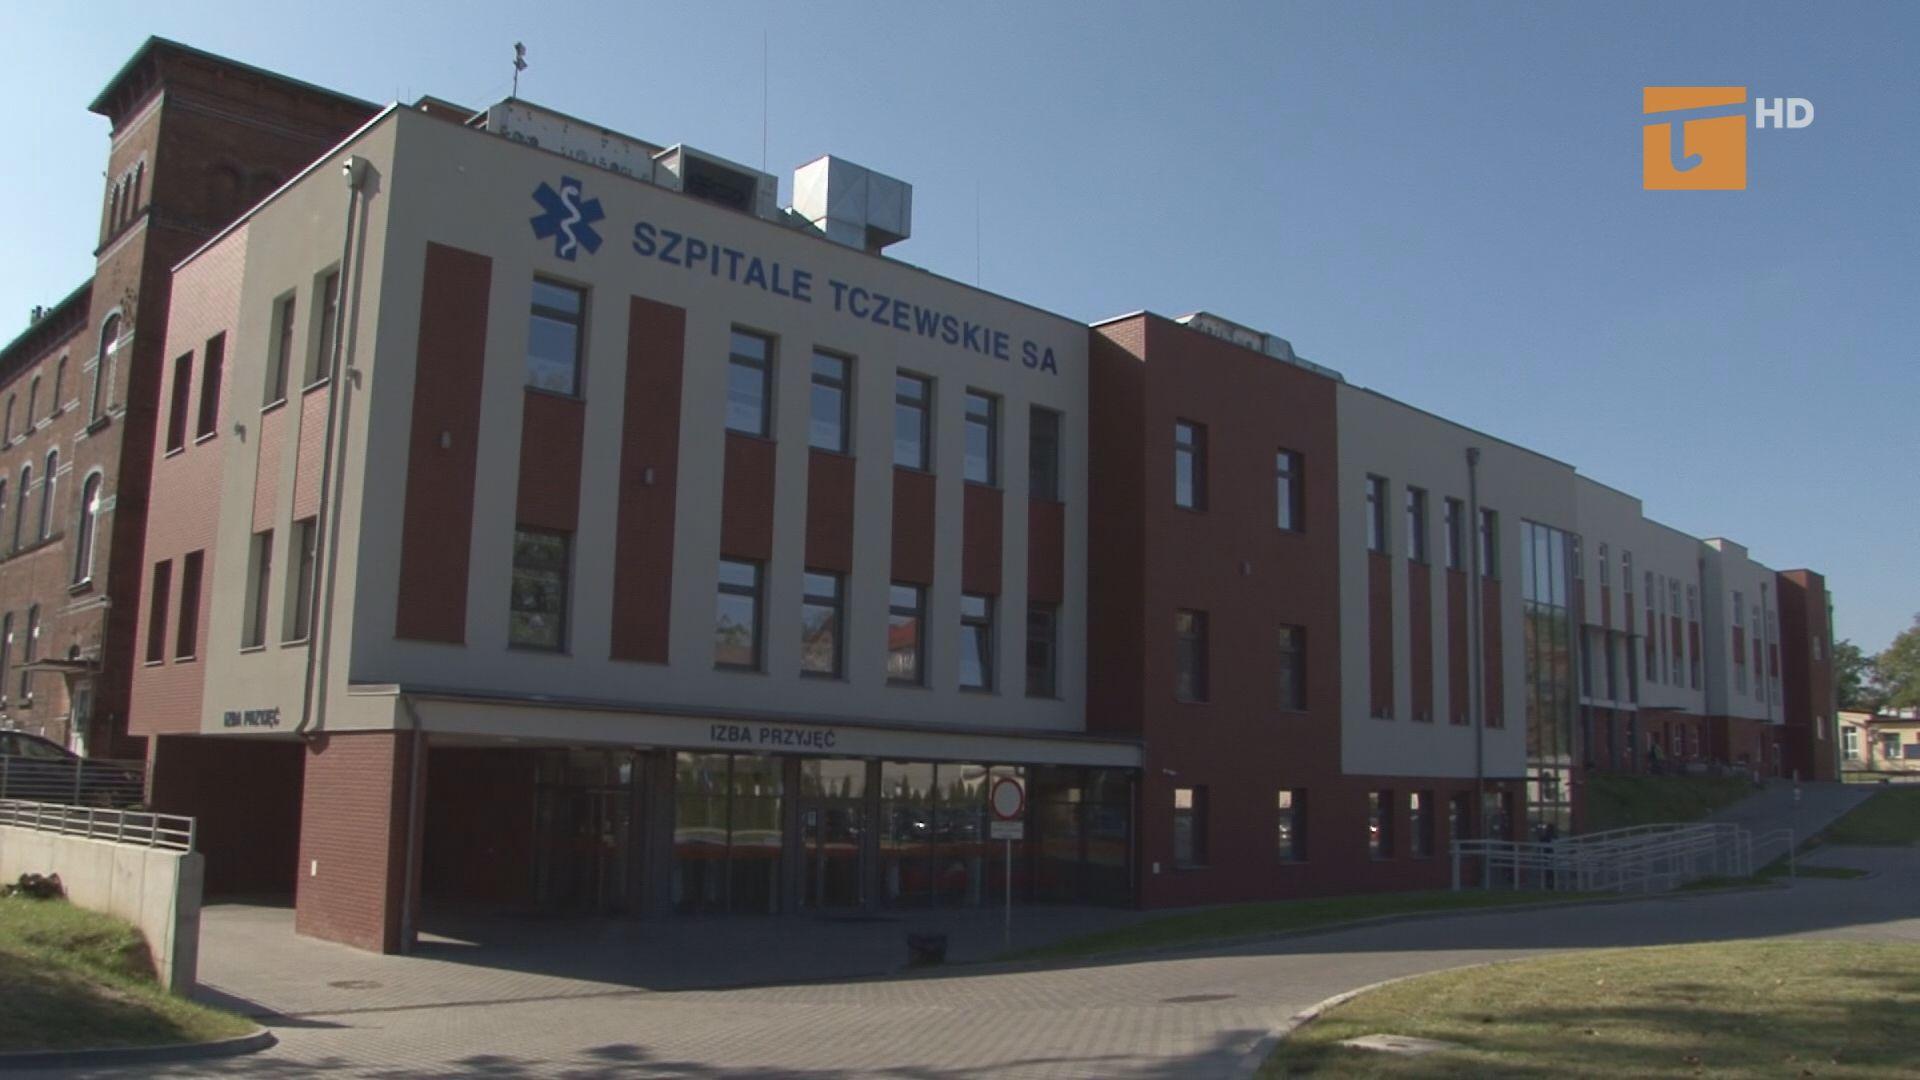 karetki szpitali tczewskich będą wyjeżdżały do pacjentów z naszego powiatu